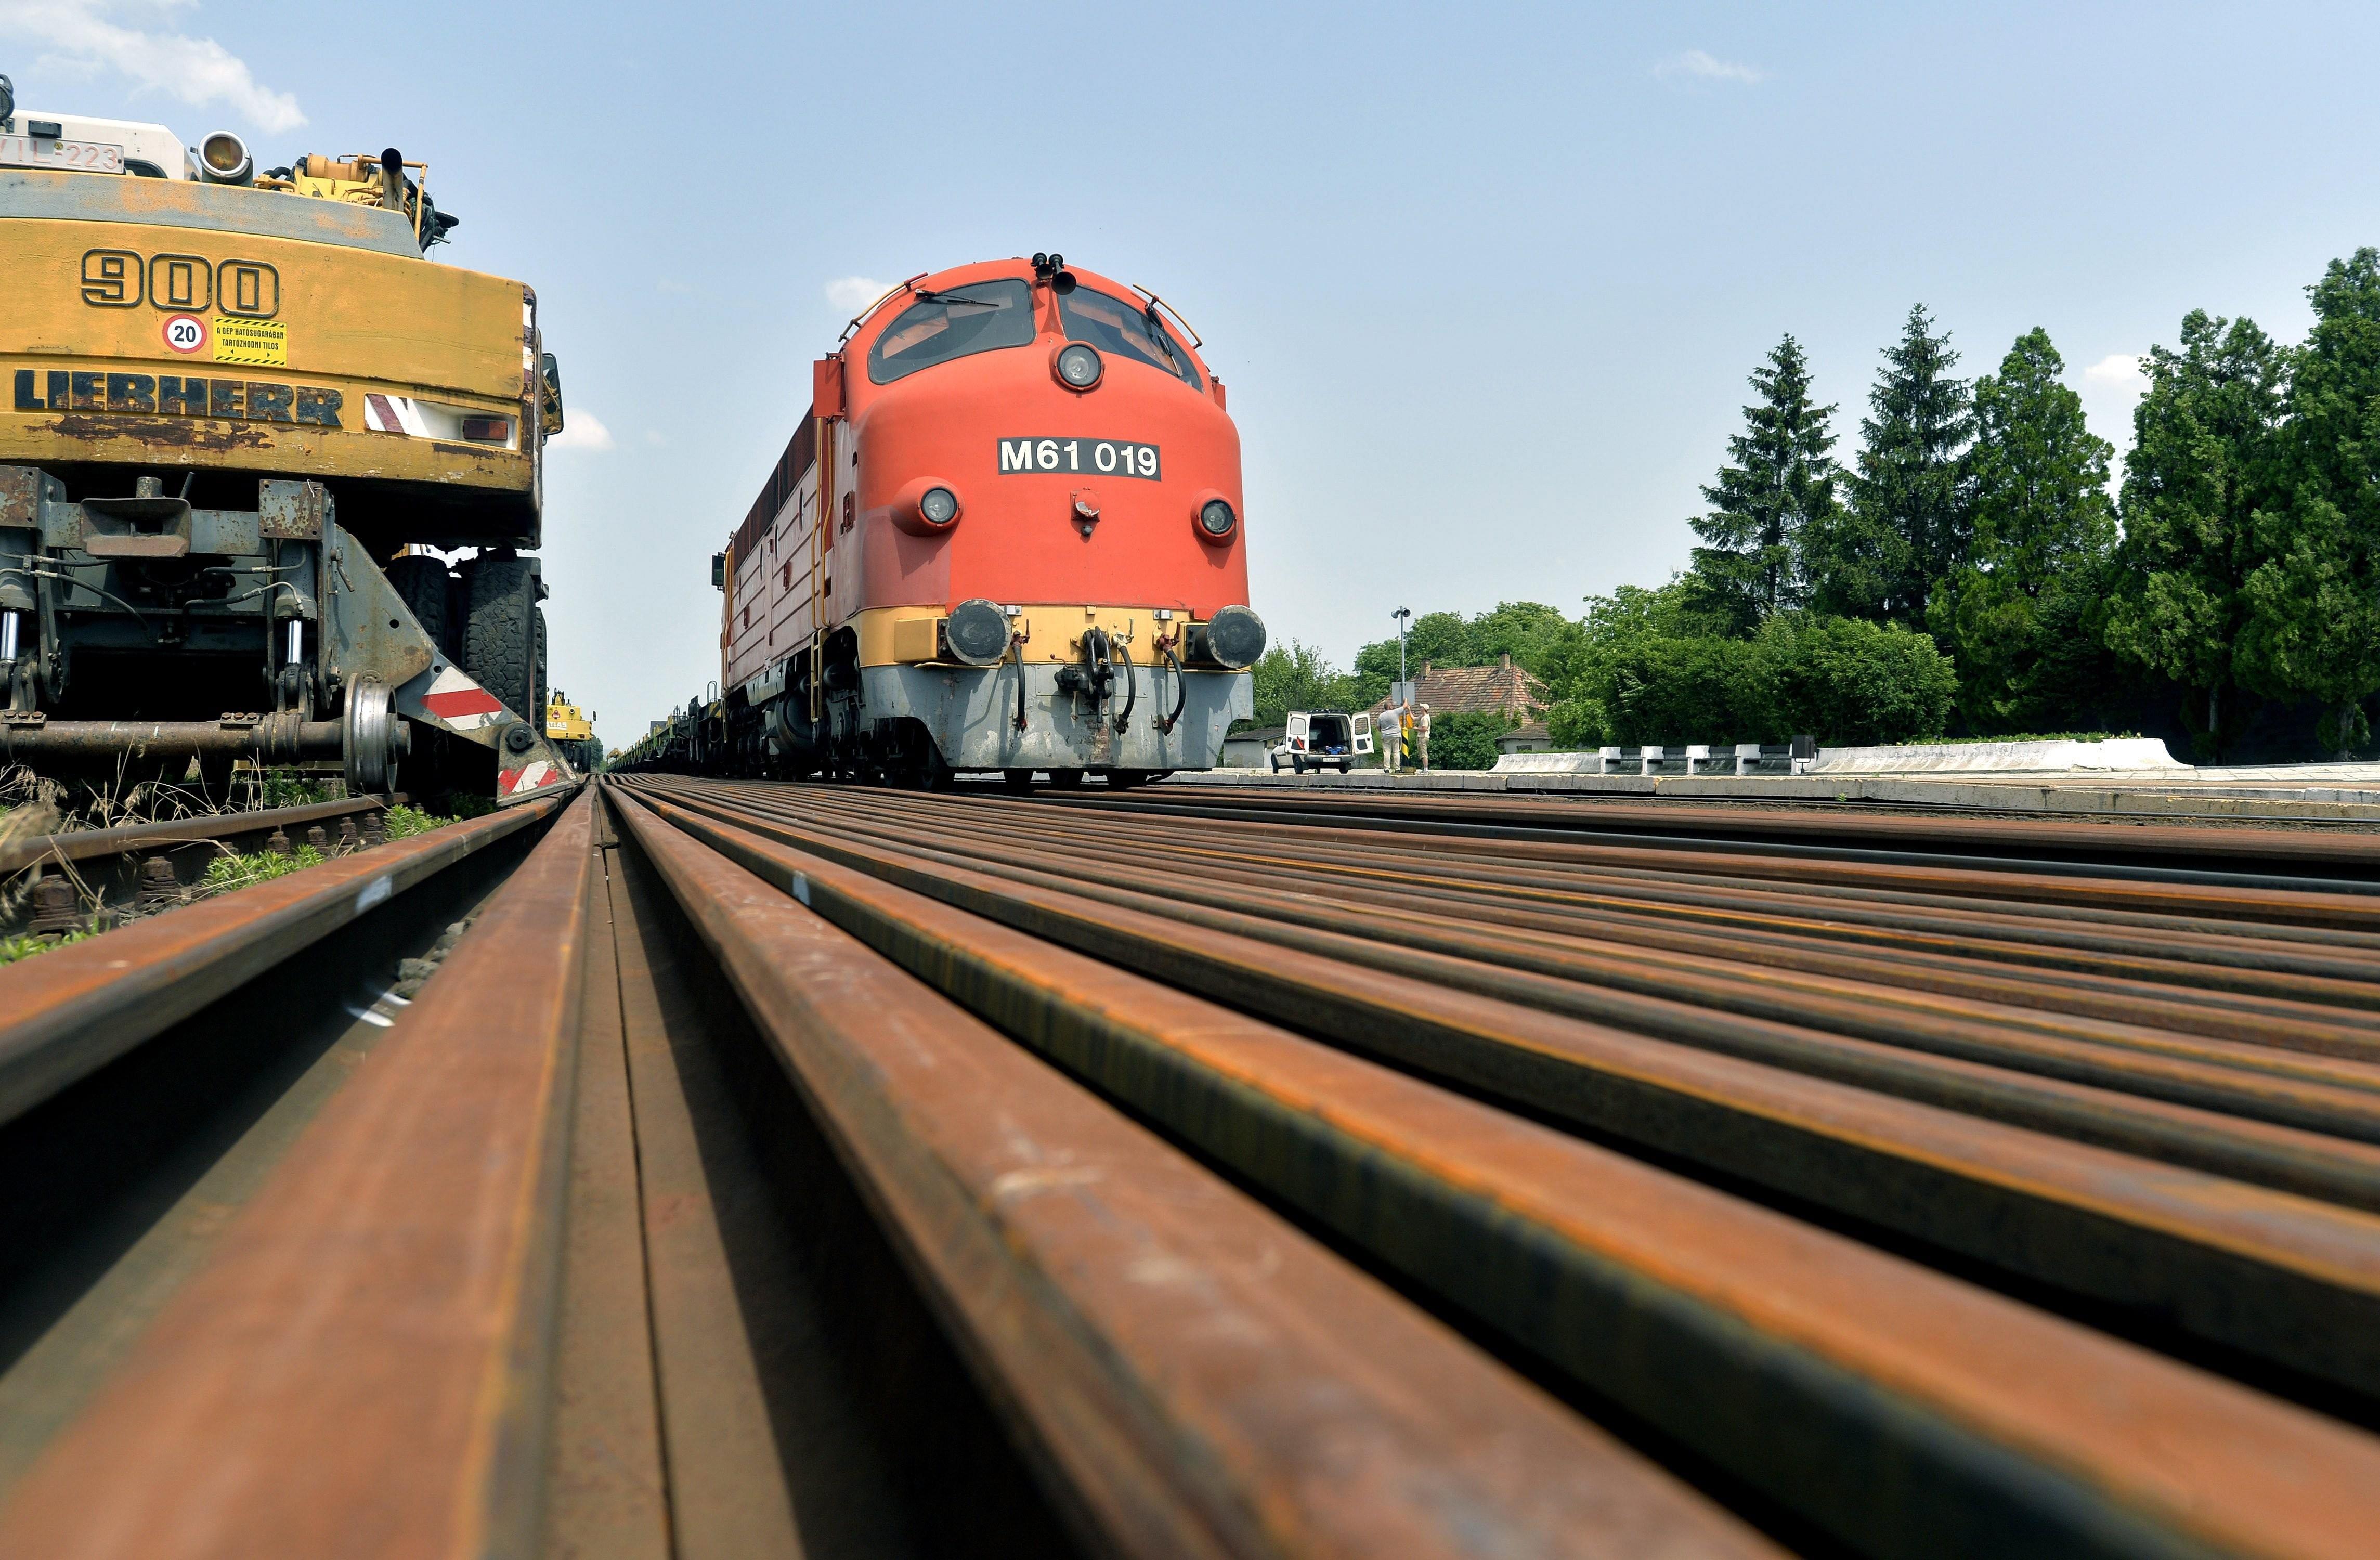 Halálos vonatbaleset történt Szentgotthárdnál